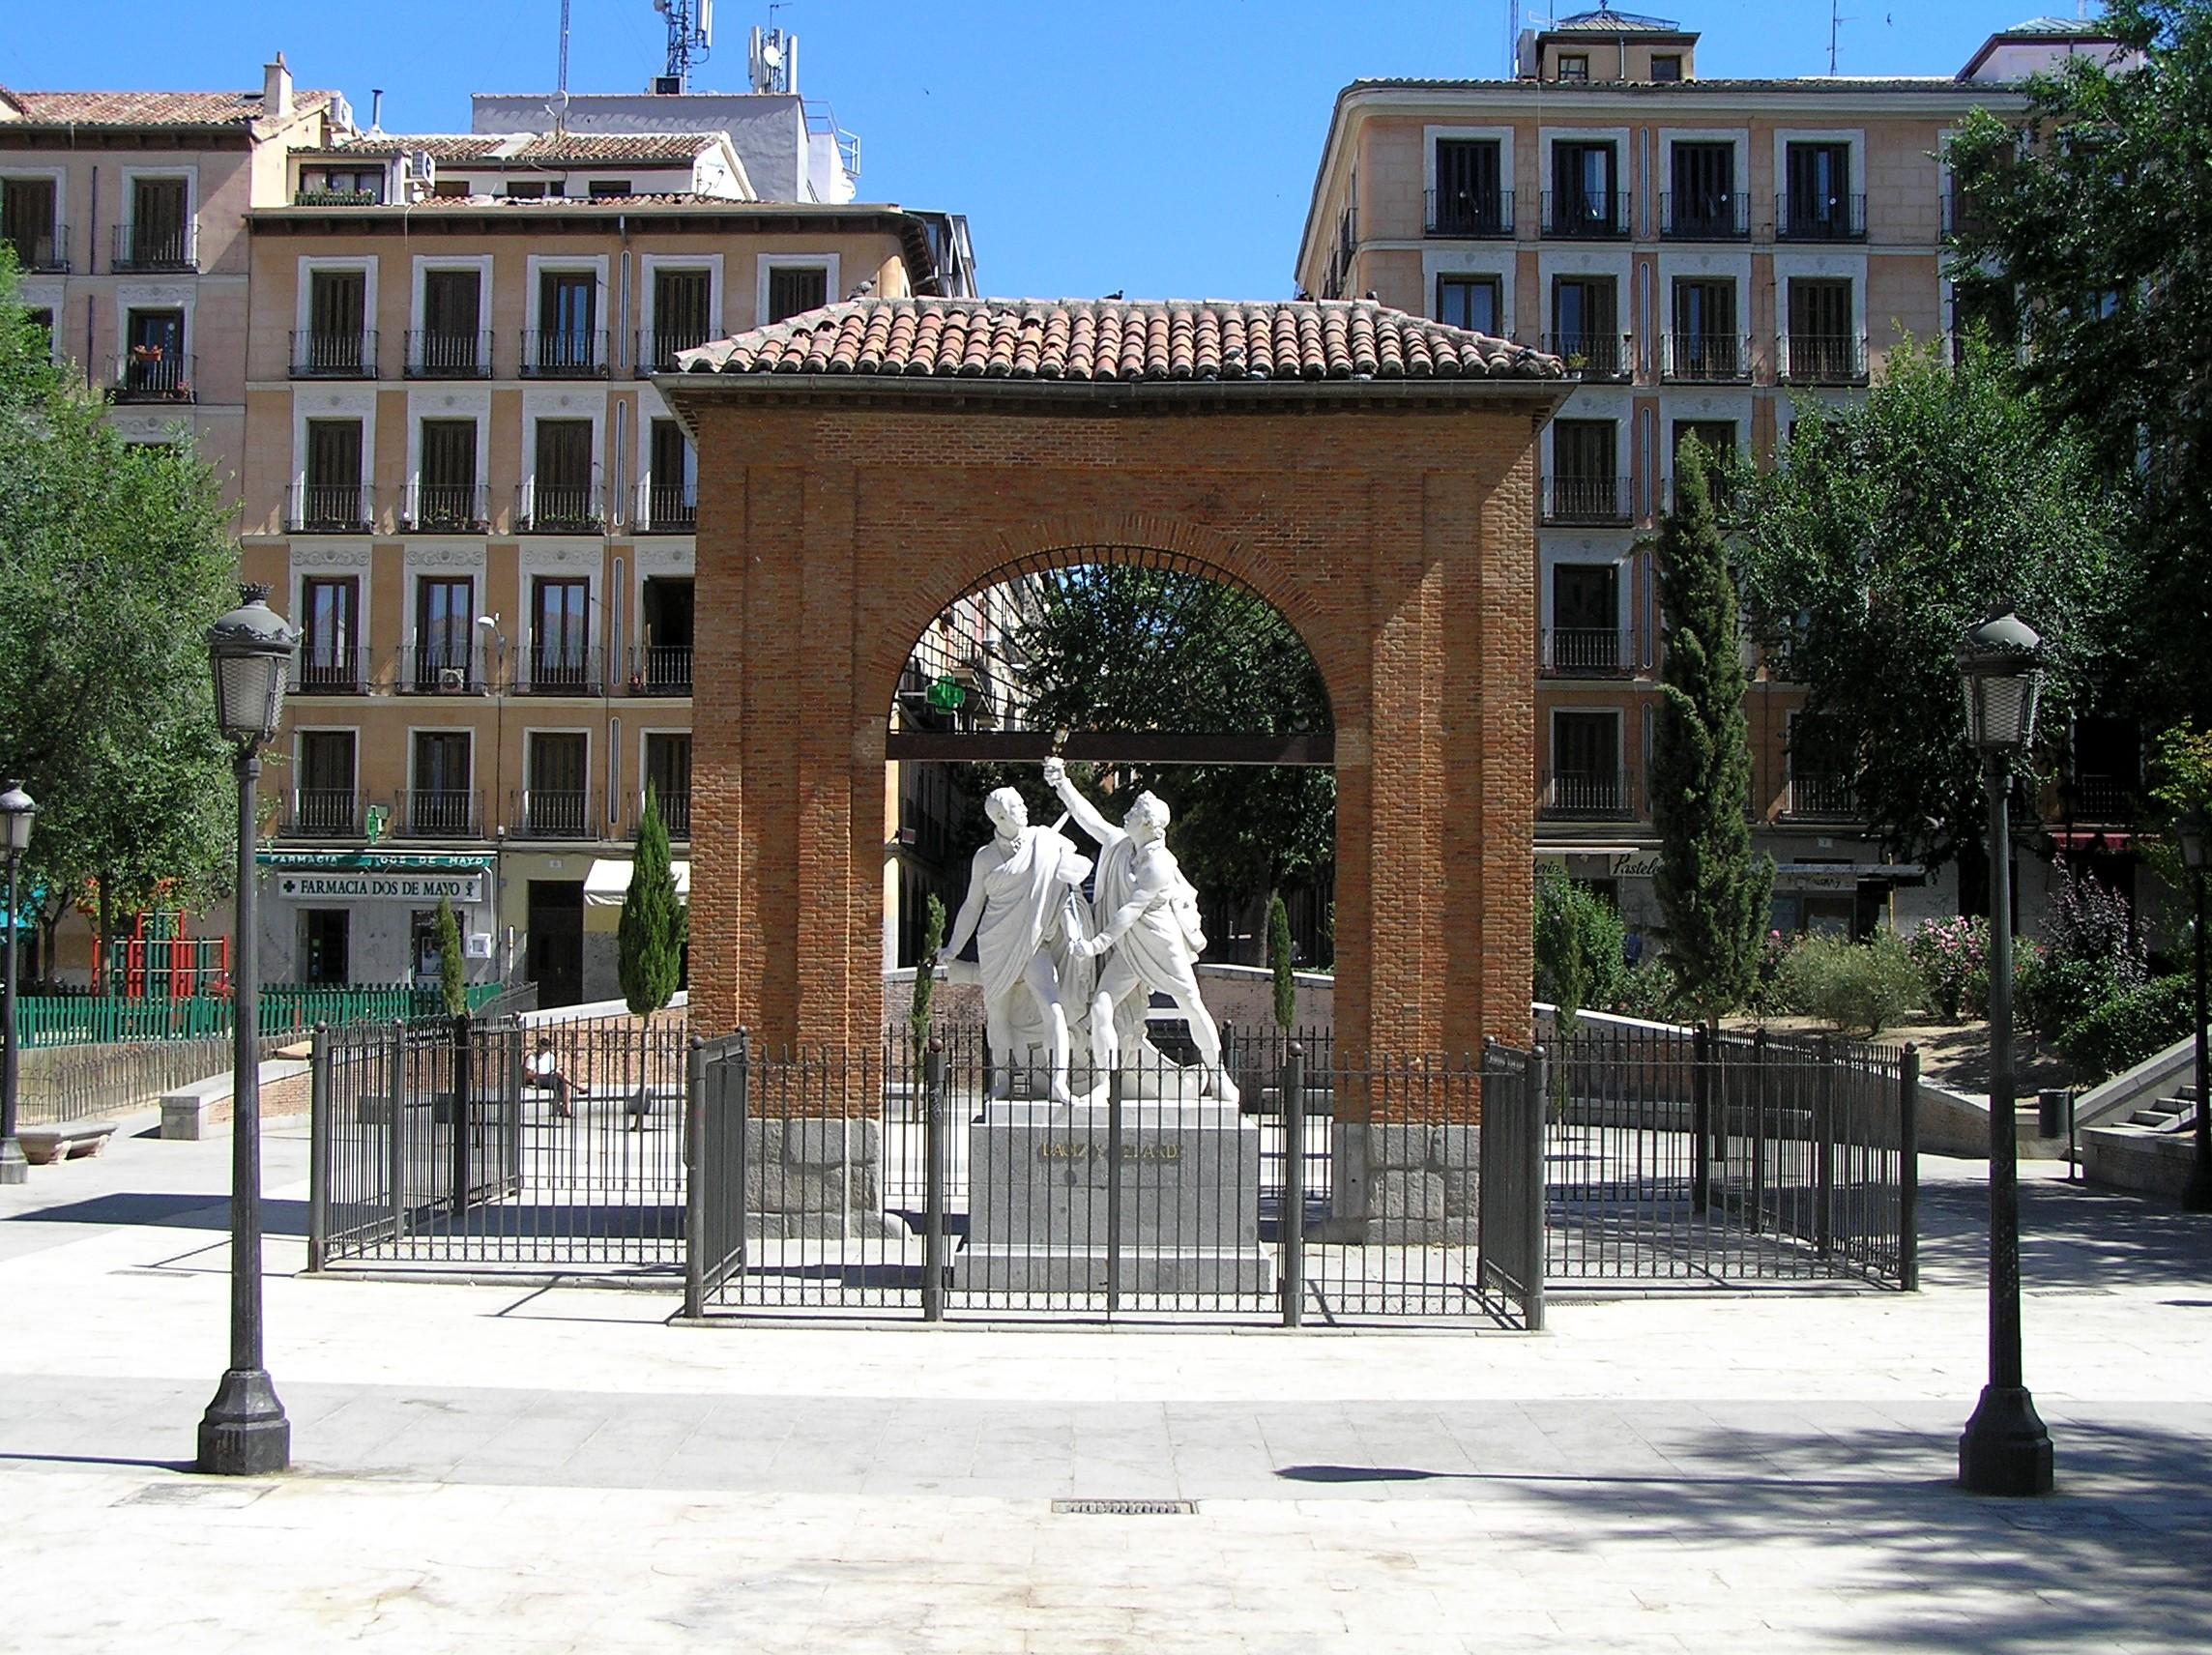 05/05/12 - La Petite Guerre - La Granja Airsoft                                                                                                                                                                                                                 Monumento_a_Daoiz_y_Velarde_en_la_Plaza_del_2_de_Mayo_de_Madrid